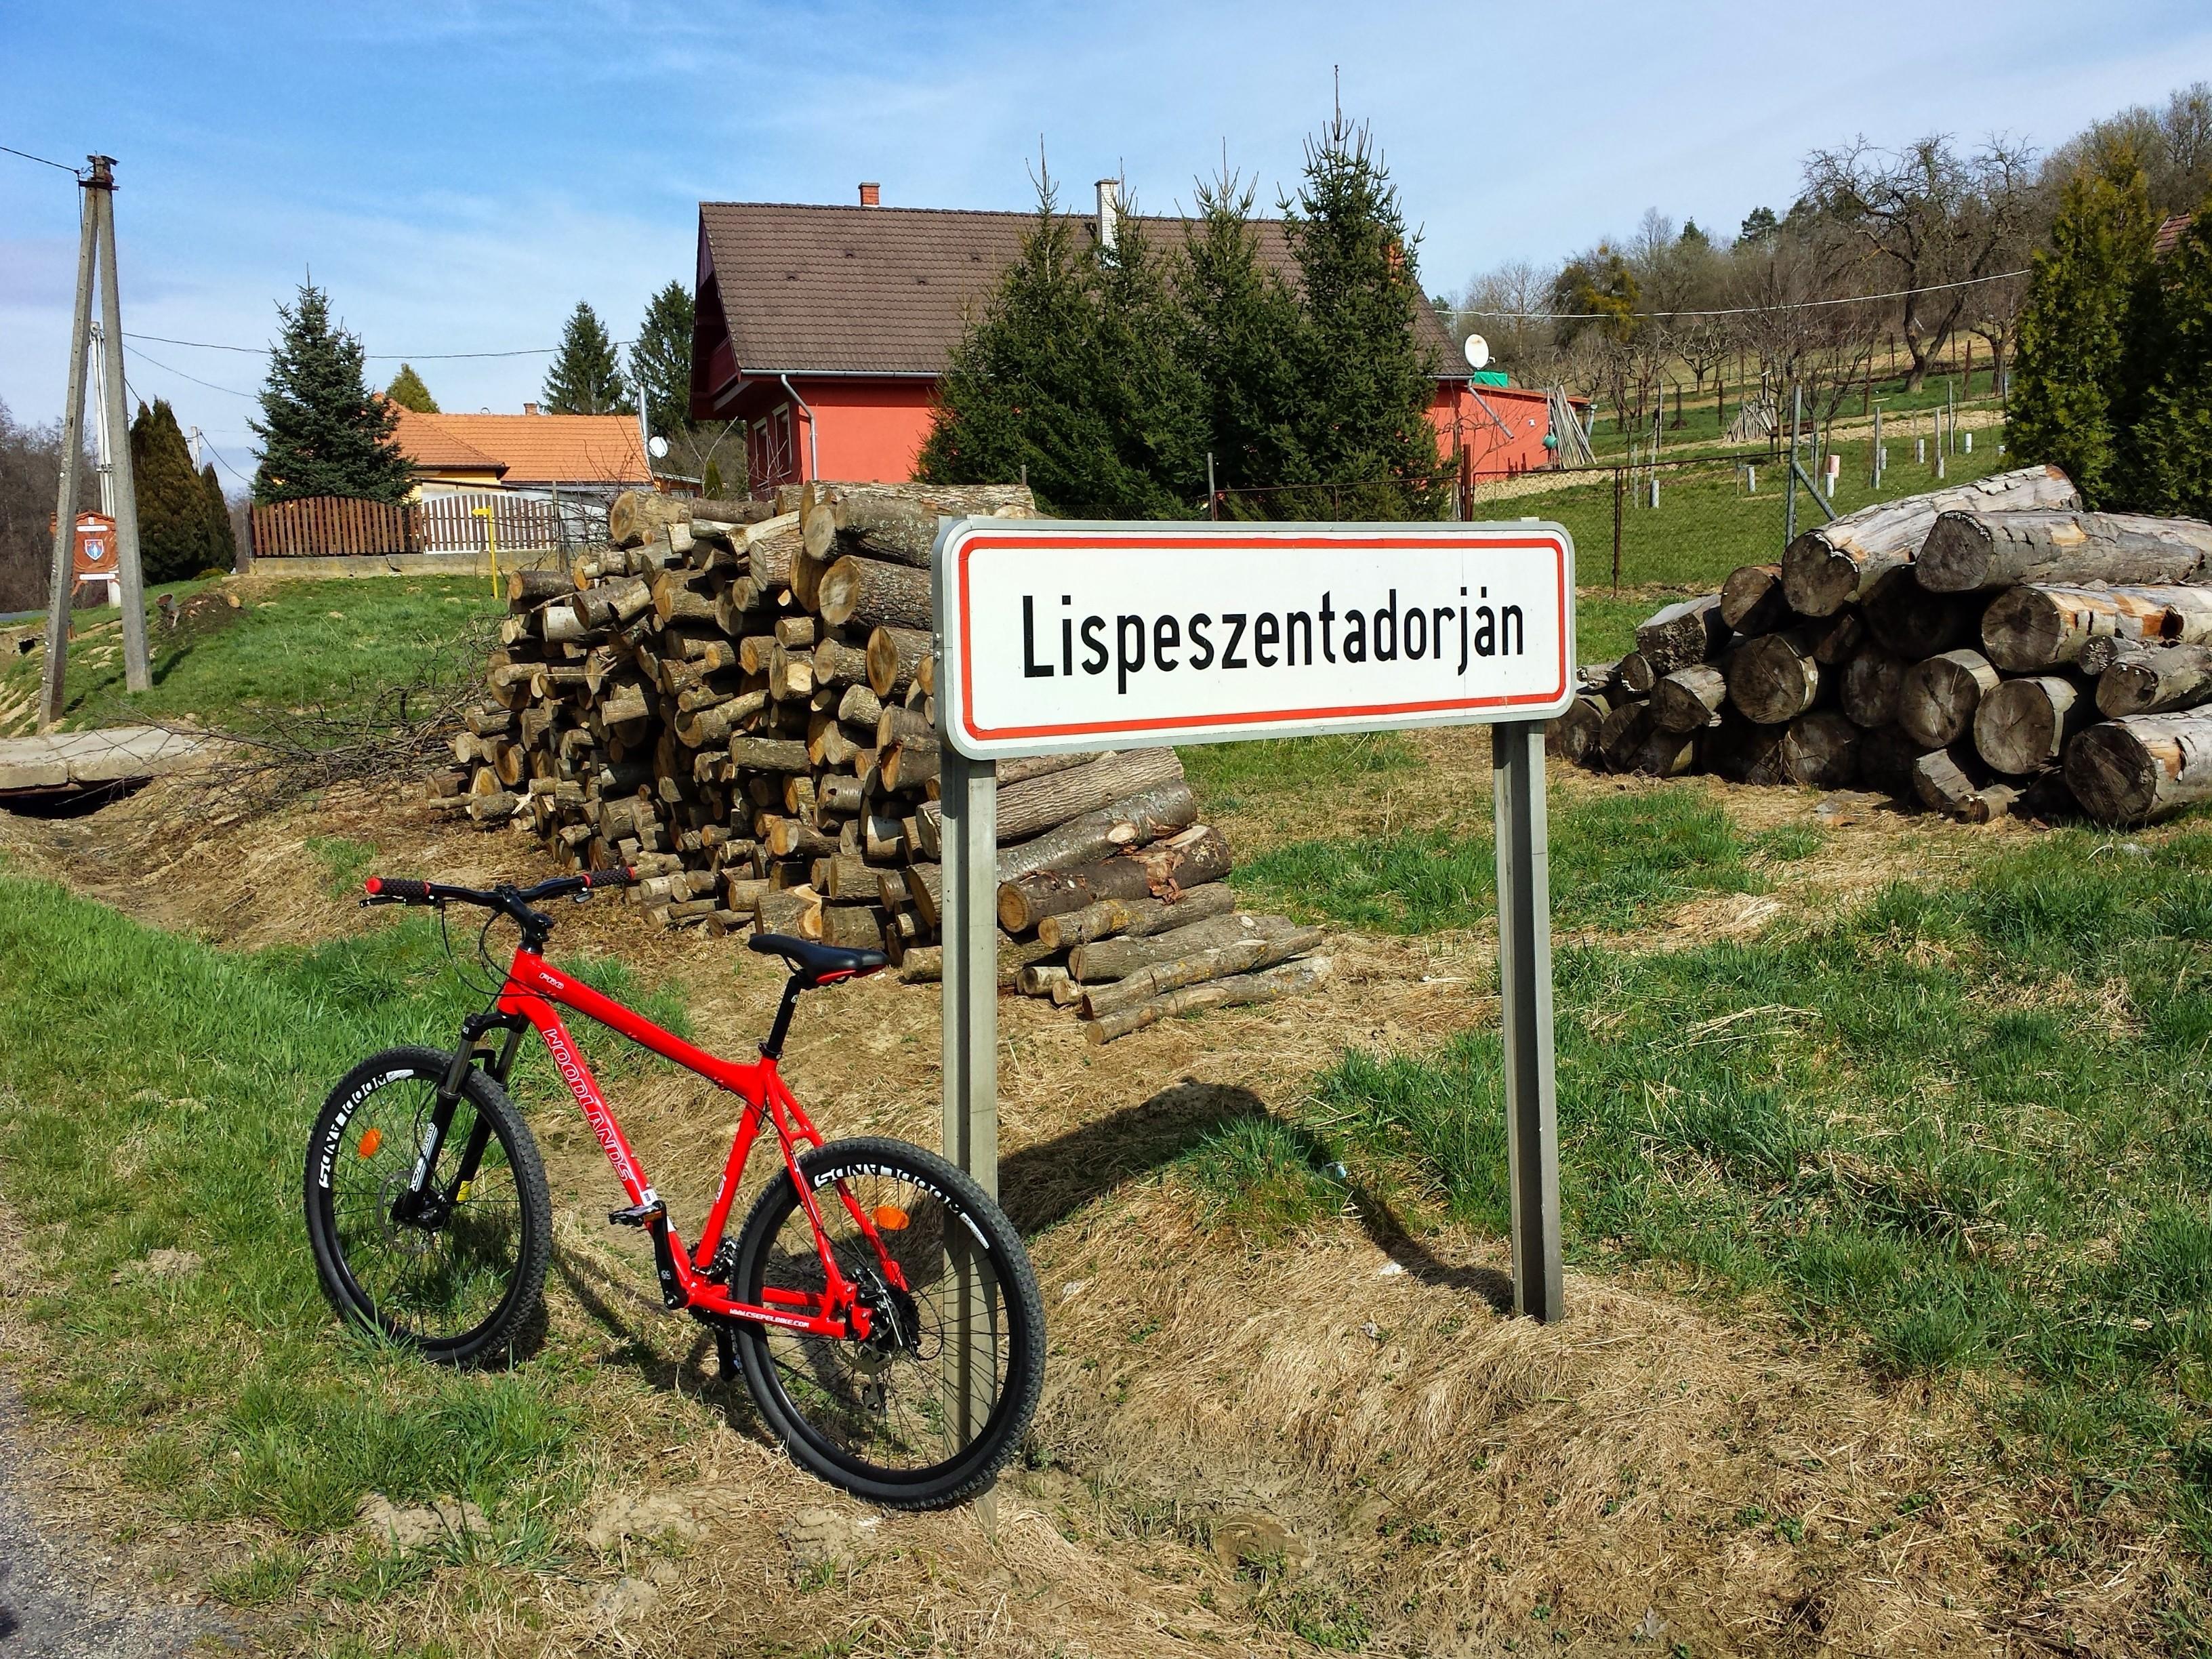 Lispeszentadorjáni kör bringatúra Forrás: www.mozgasvilag.hu